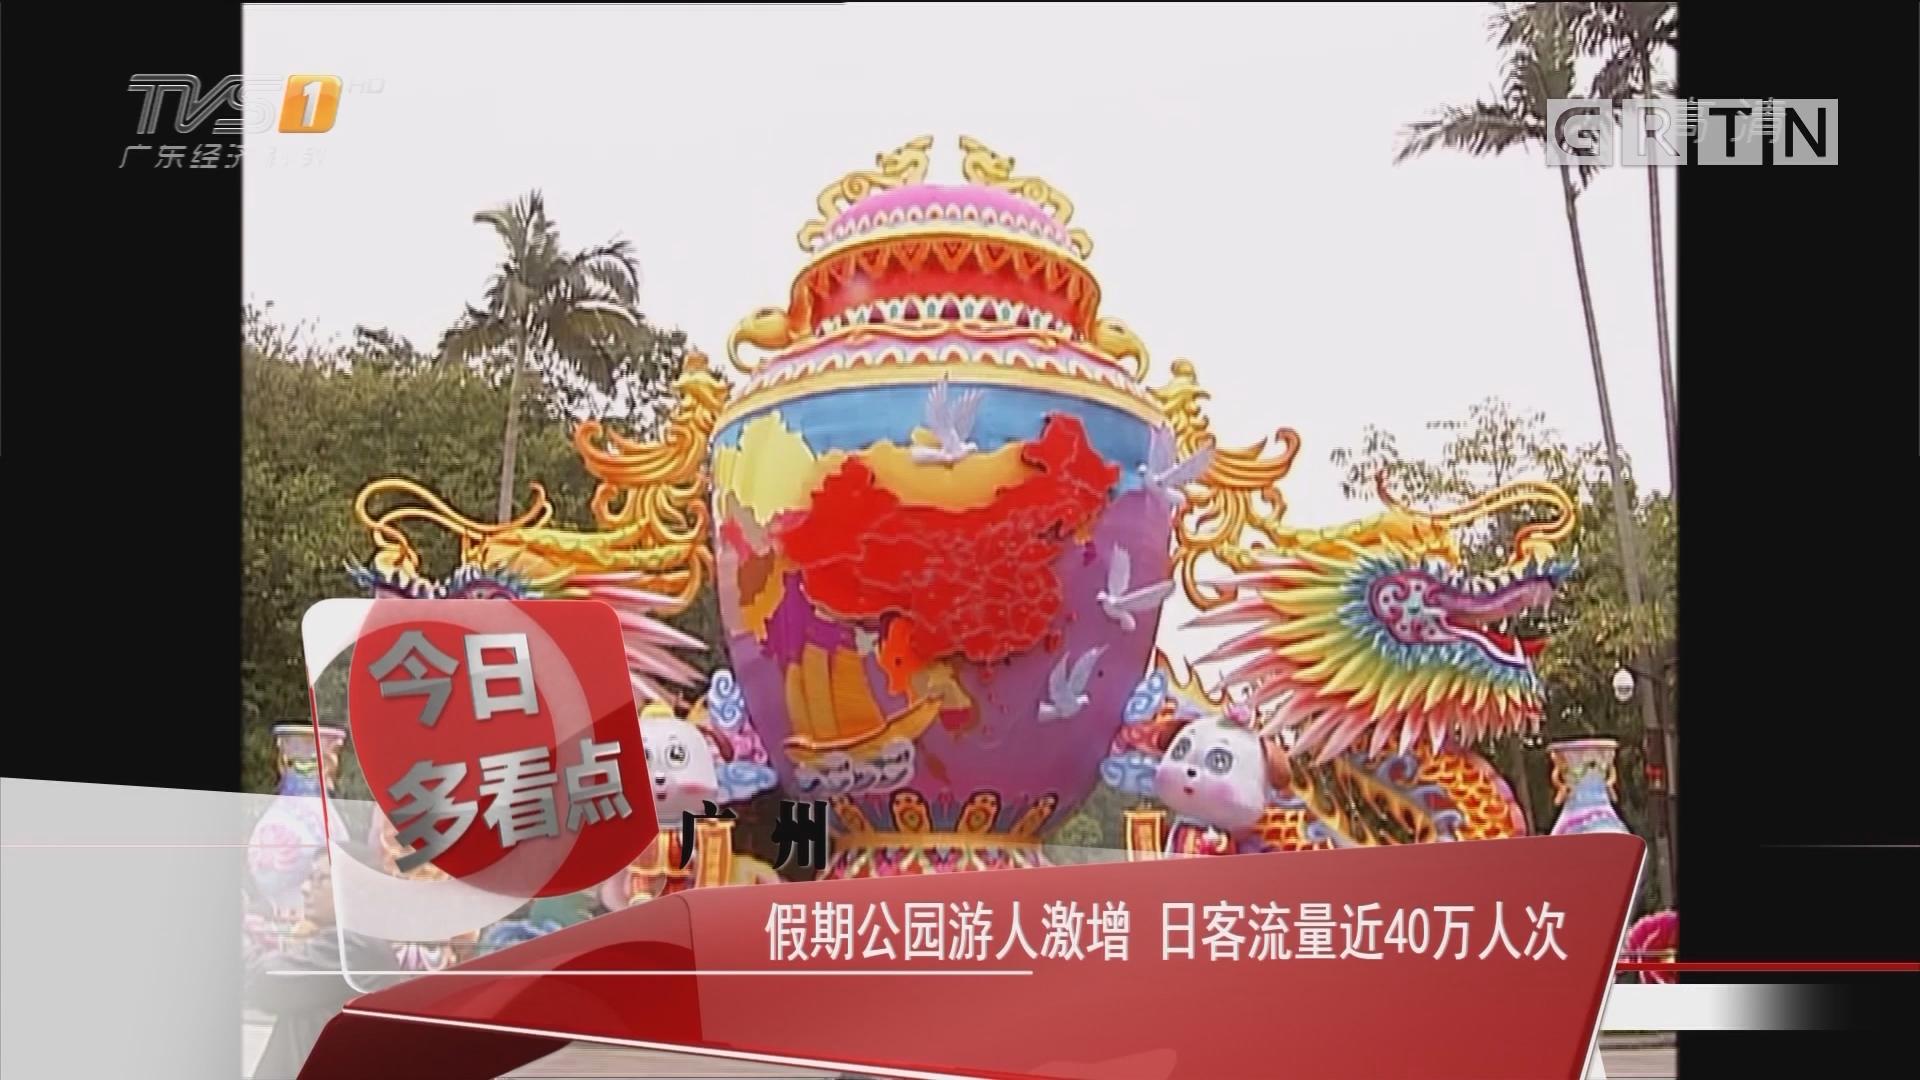 广州:假期公园游人激增 日客流量近40万人次